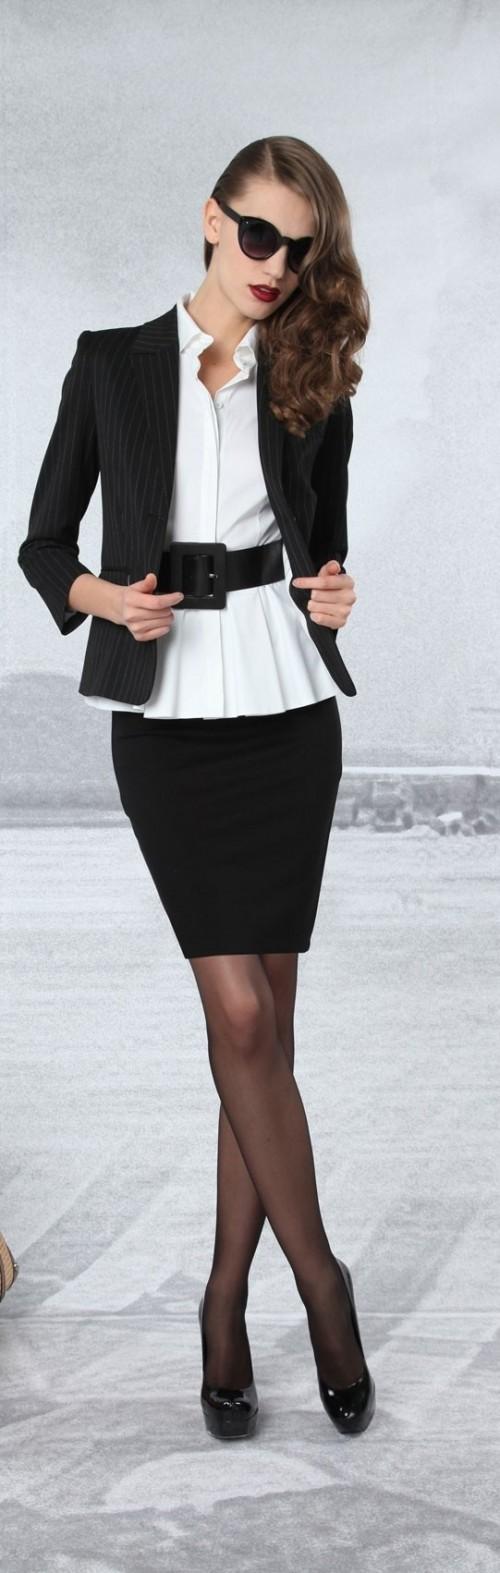 стильная одежда для работы офиса 13